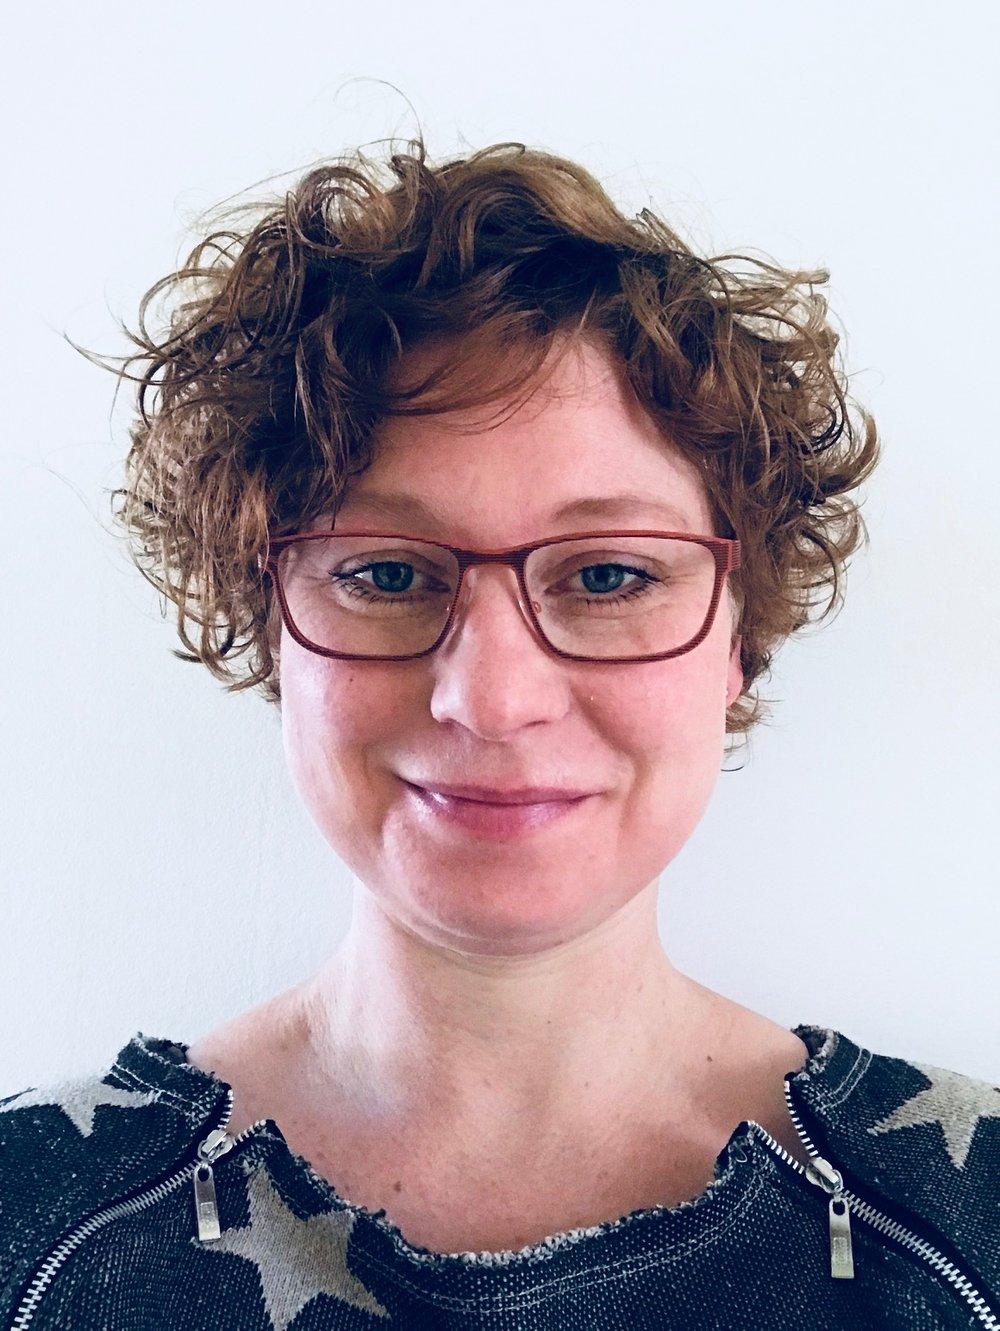 Nathalie van der Sloot